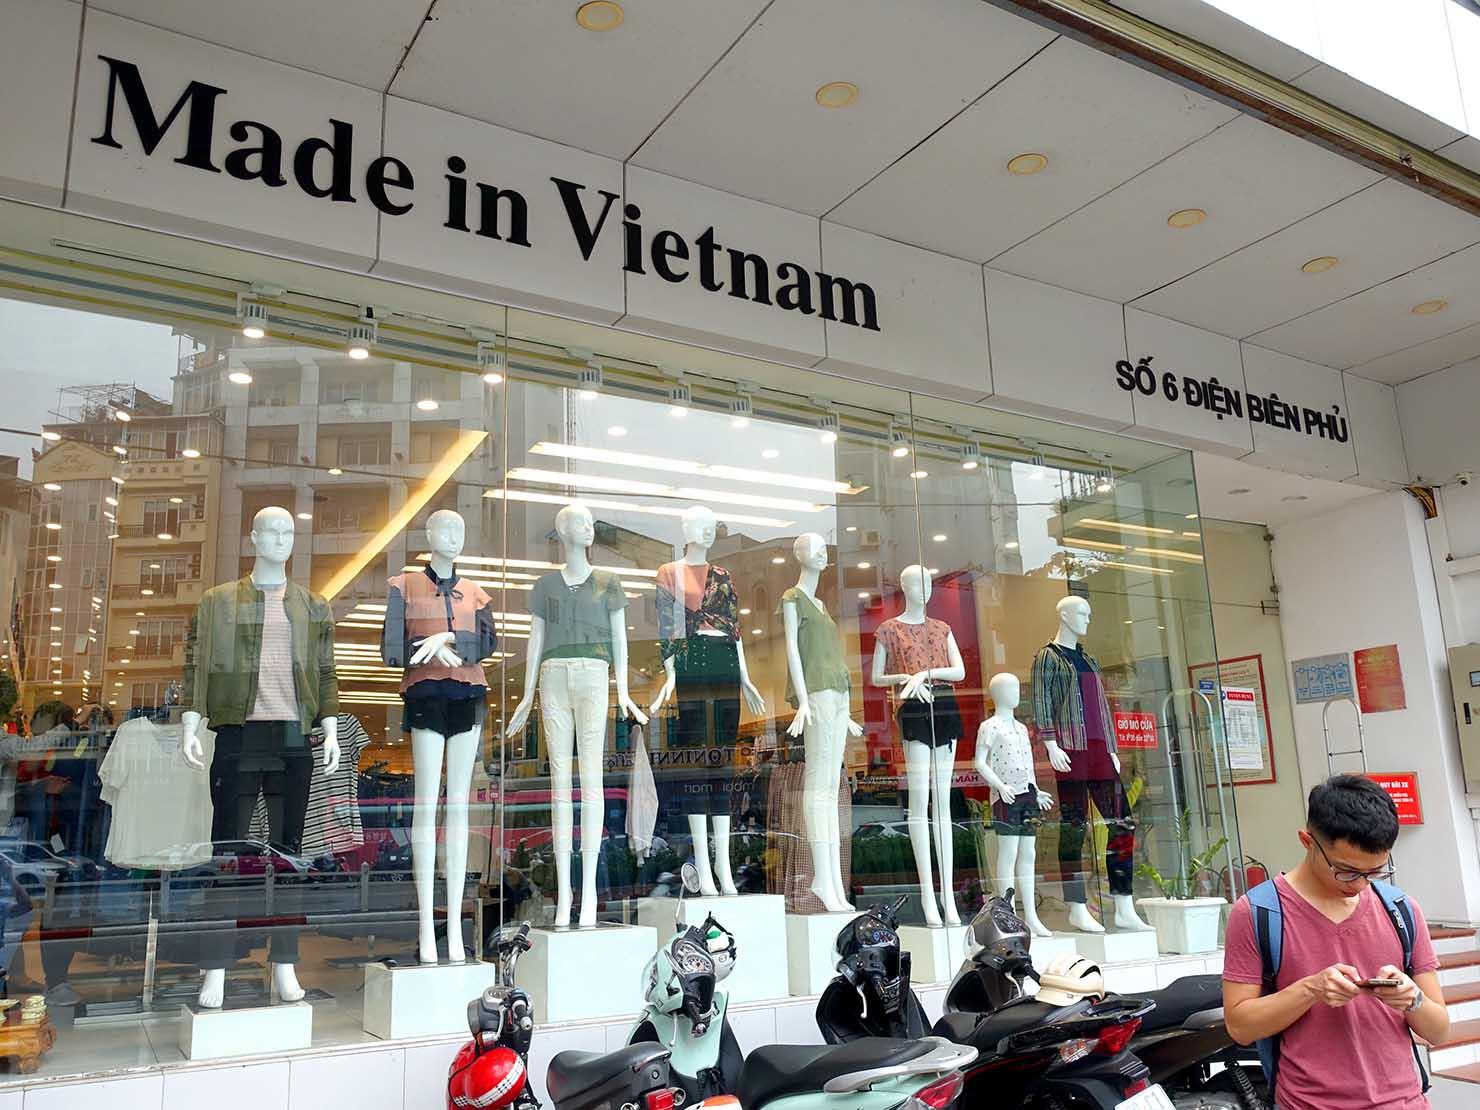 ベトナム・ハノイ旧市街にあるカジュアルファッション店「VIET BROTHERS」の外観